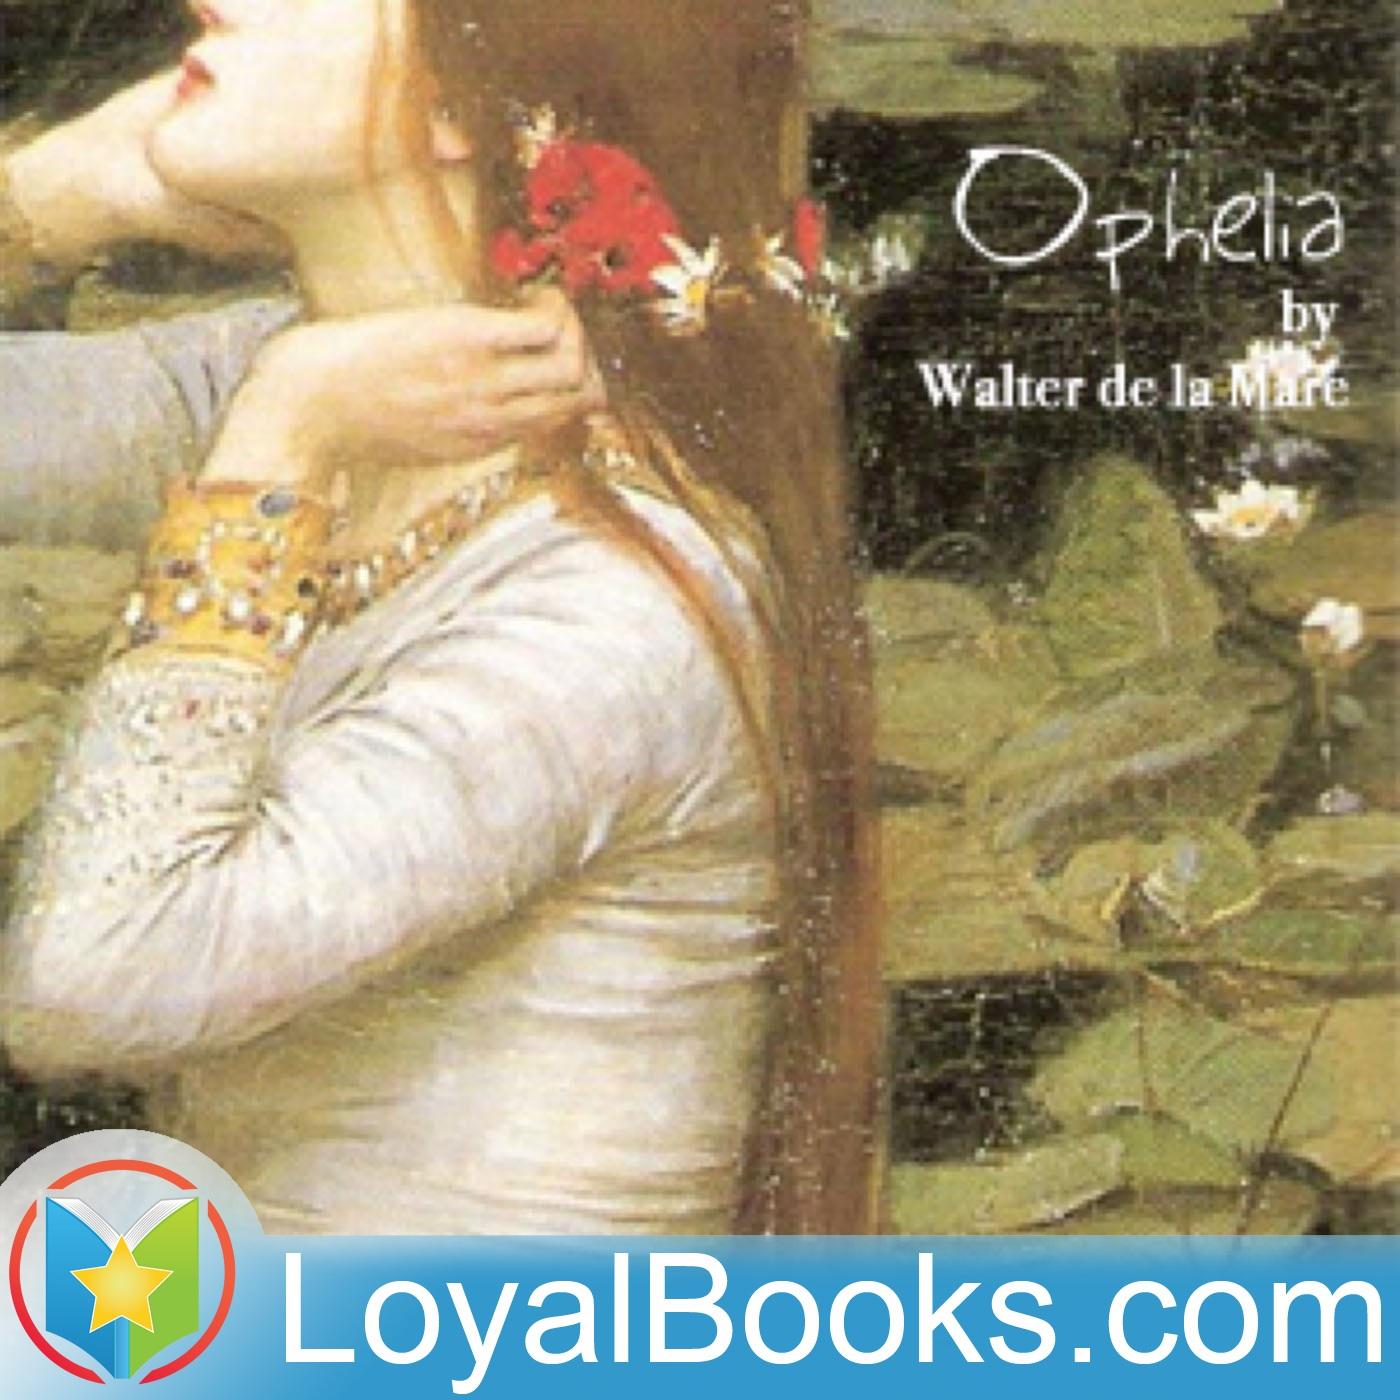 <![CDATA[Ophelia by Walter de la Mare]]>